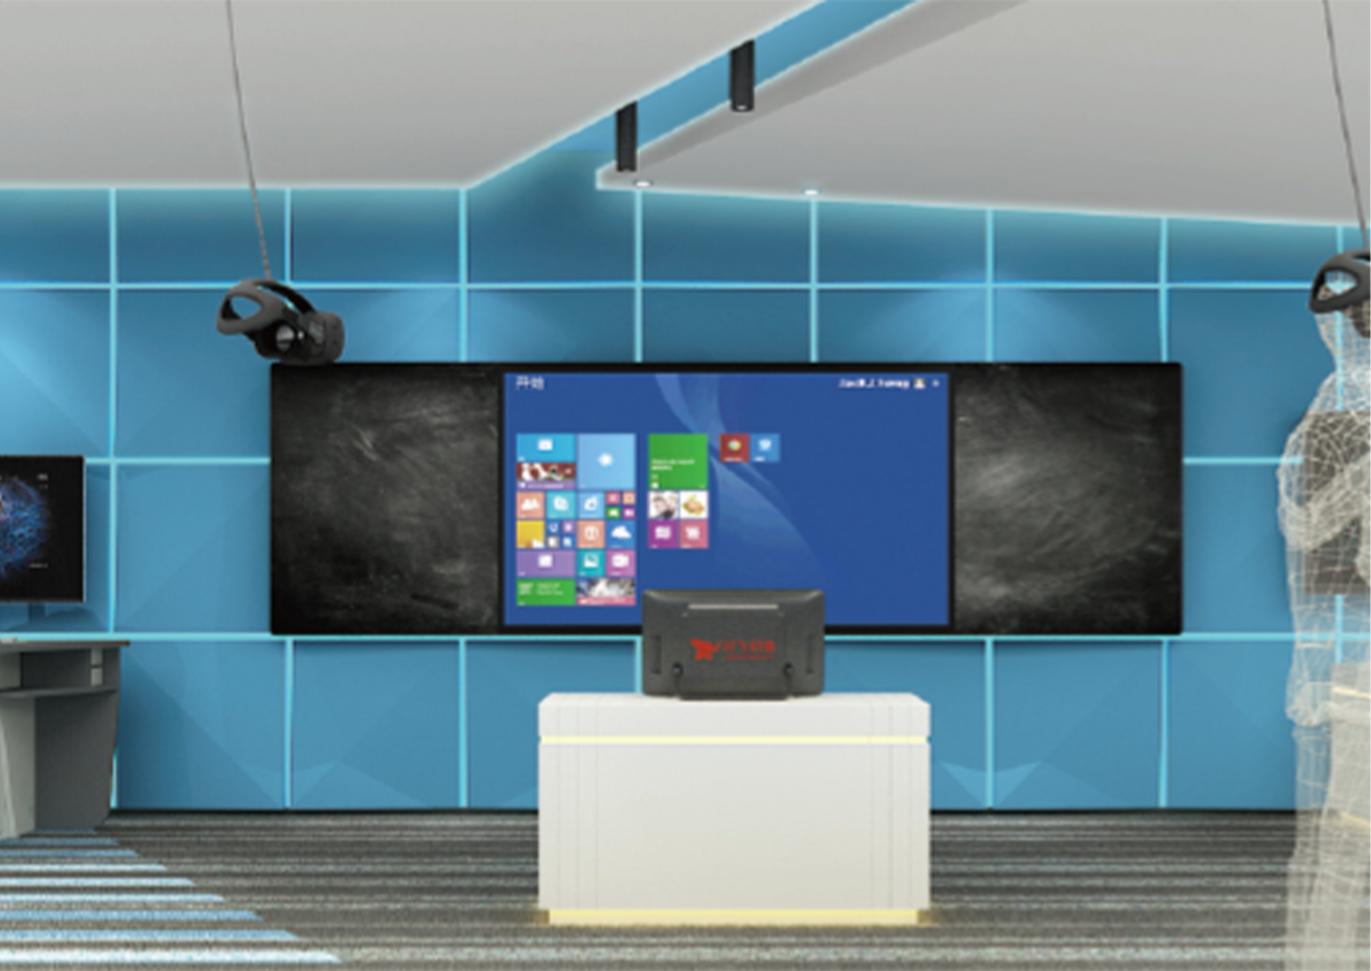 职教/高教-虚拟现实专业共建及AVR智慧实训教室建设